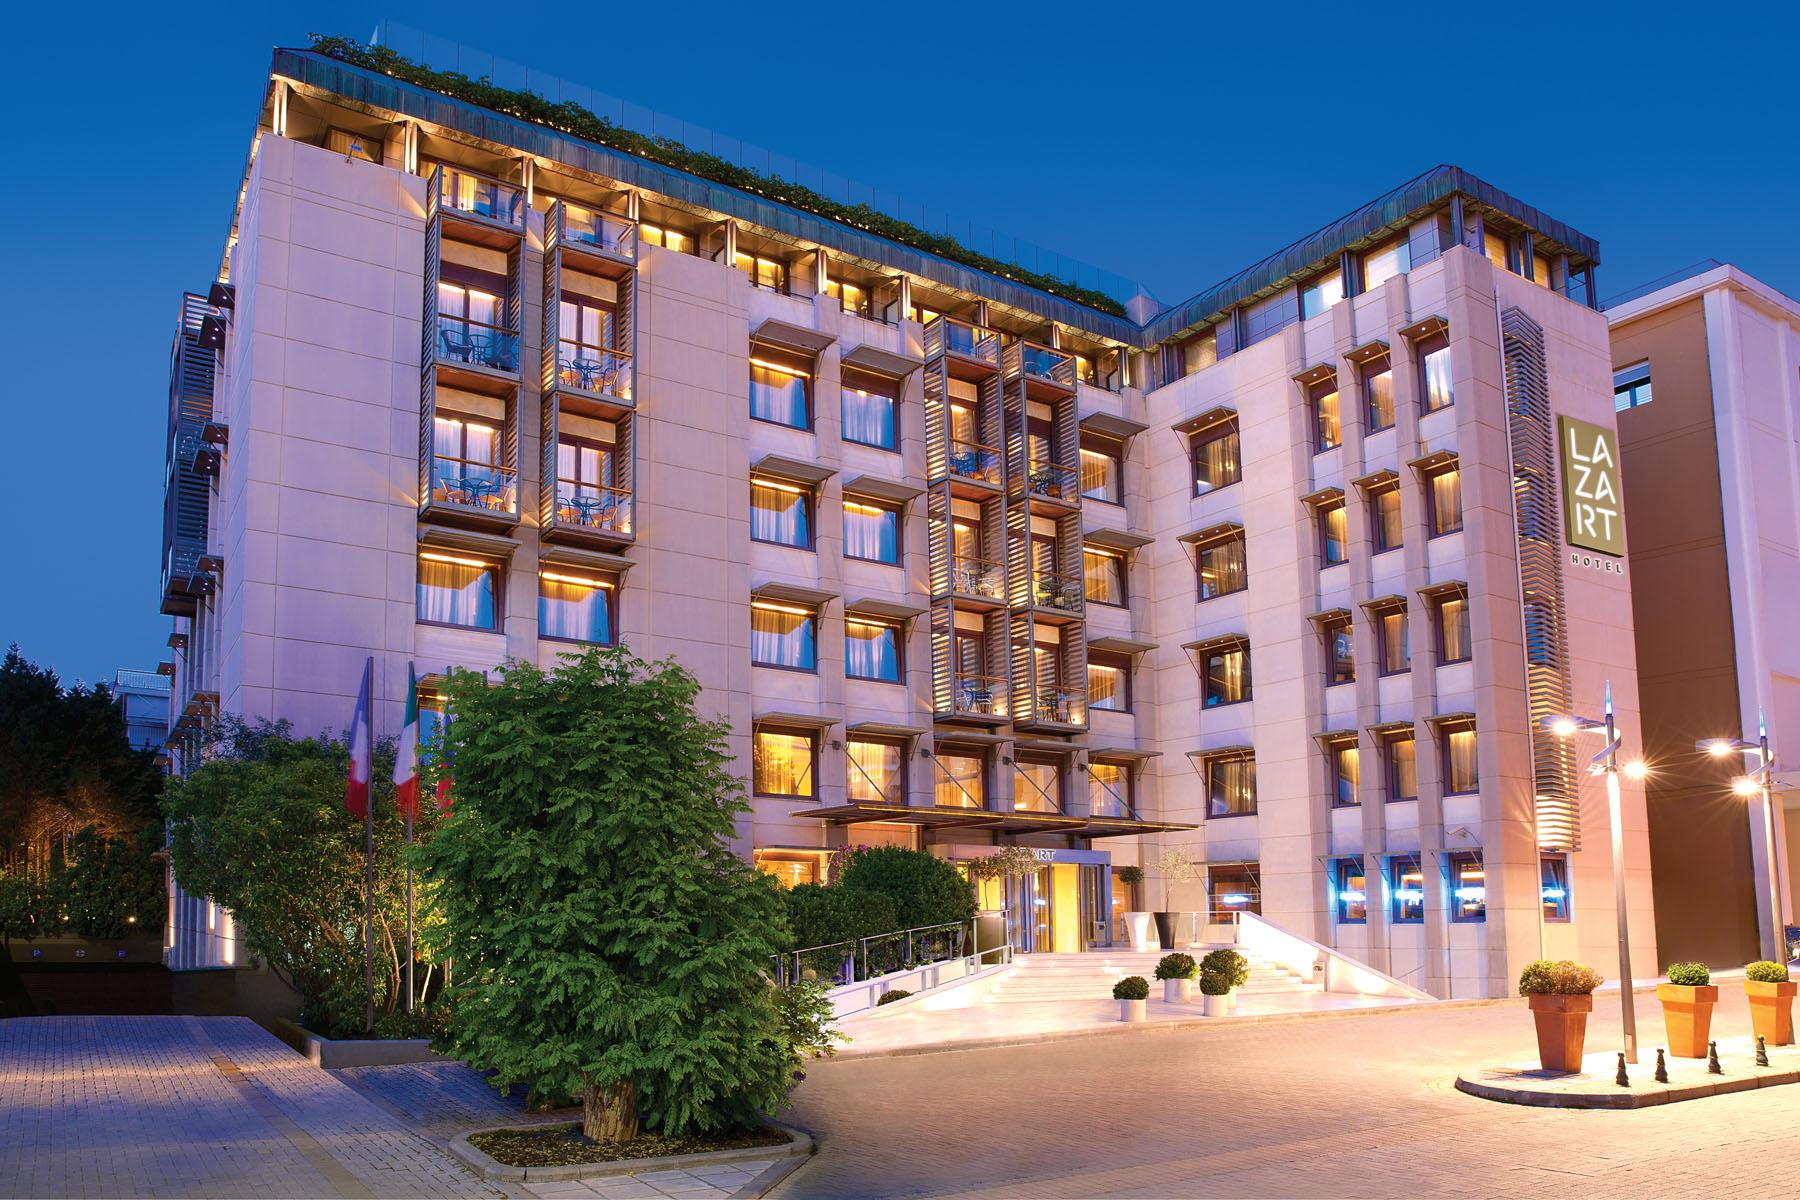 lazart hotel exterior